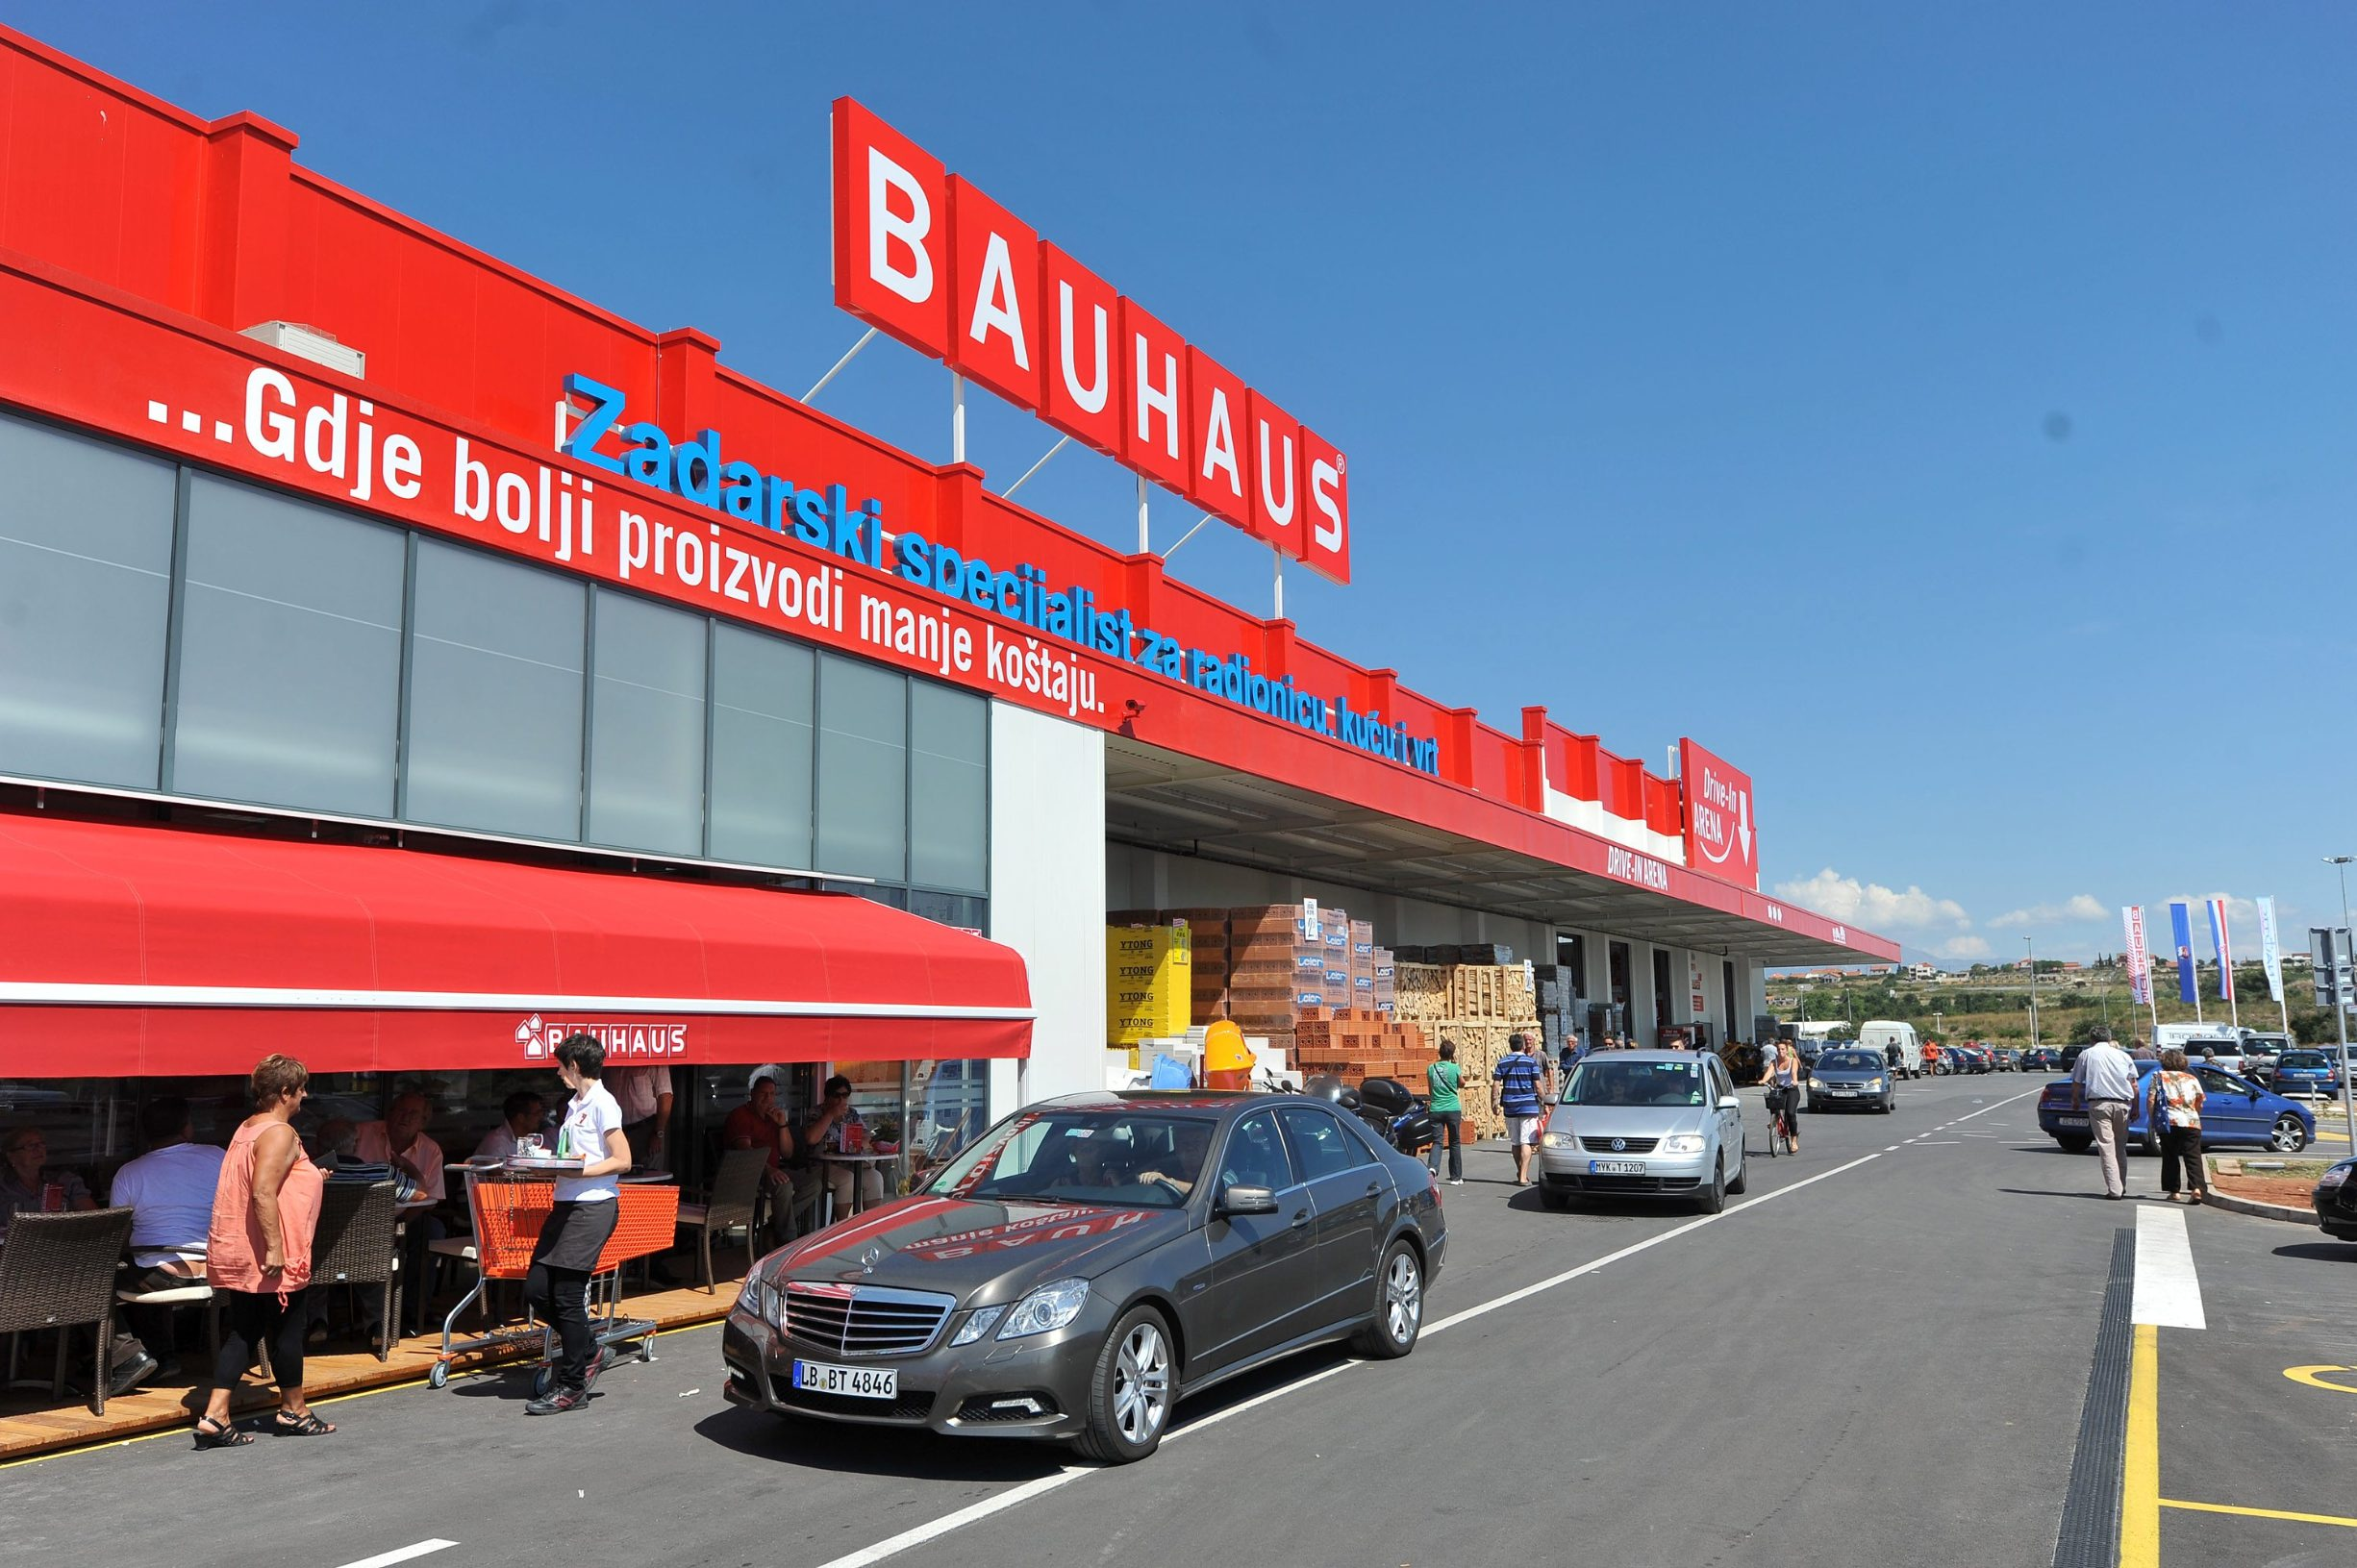 bauhaus_otvorenje1-300813